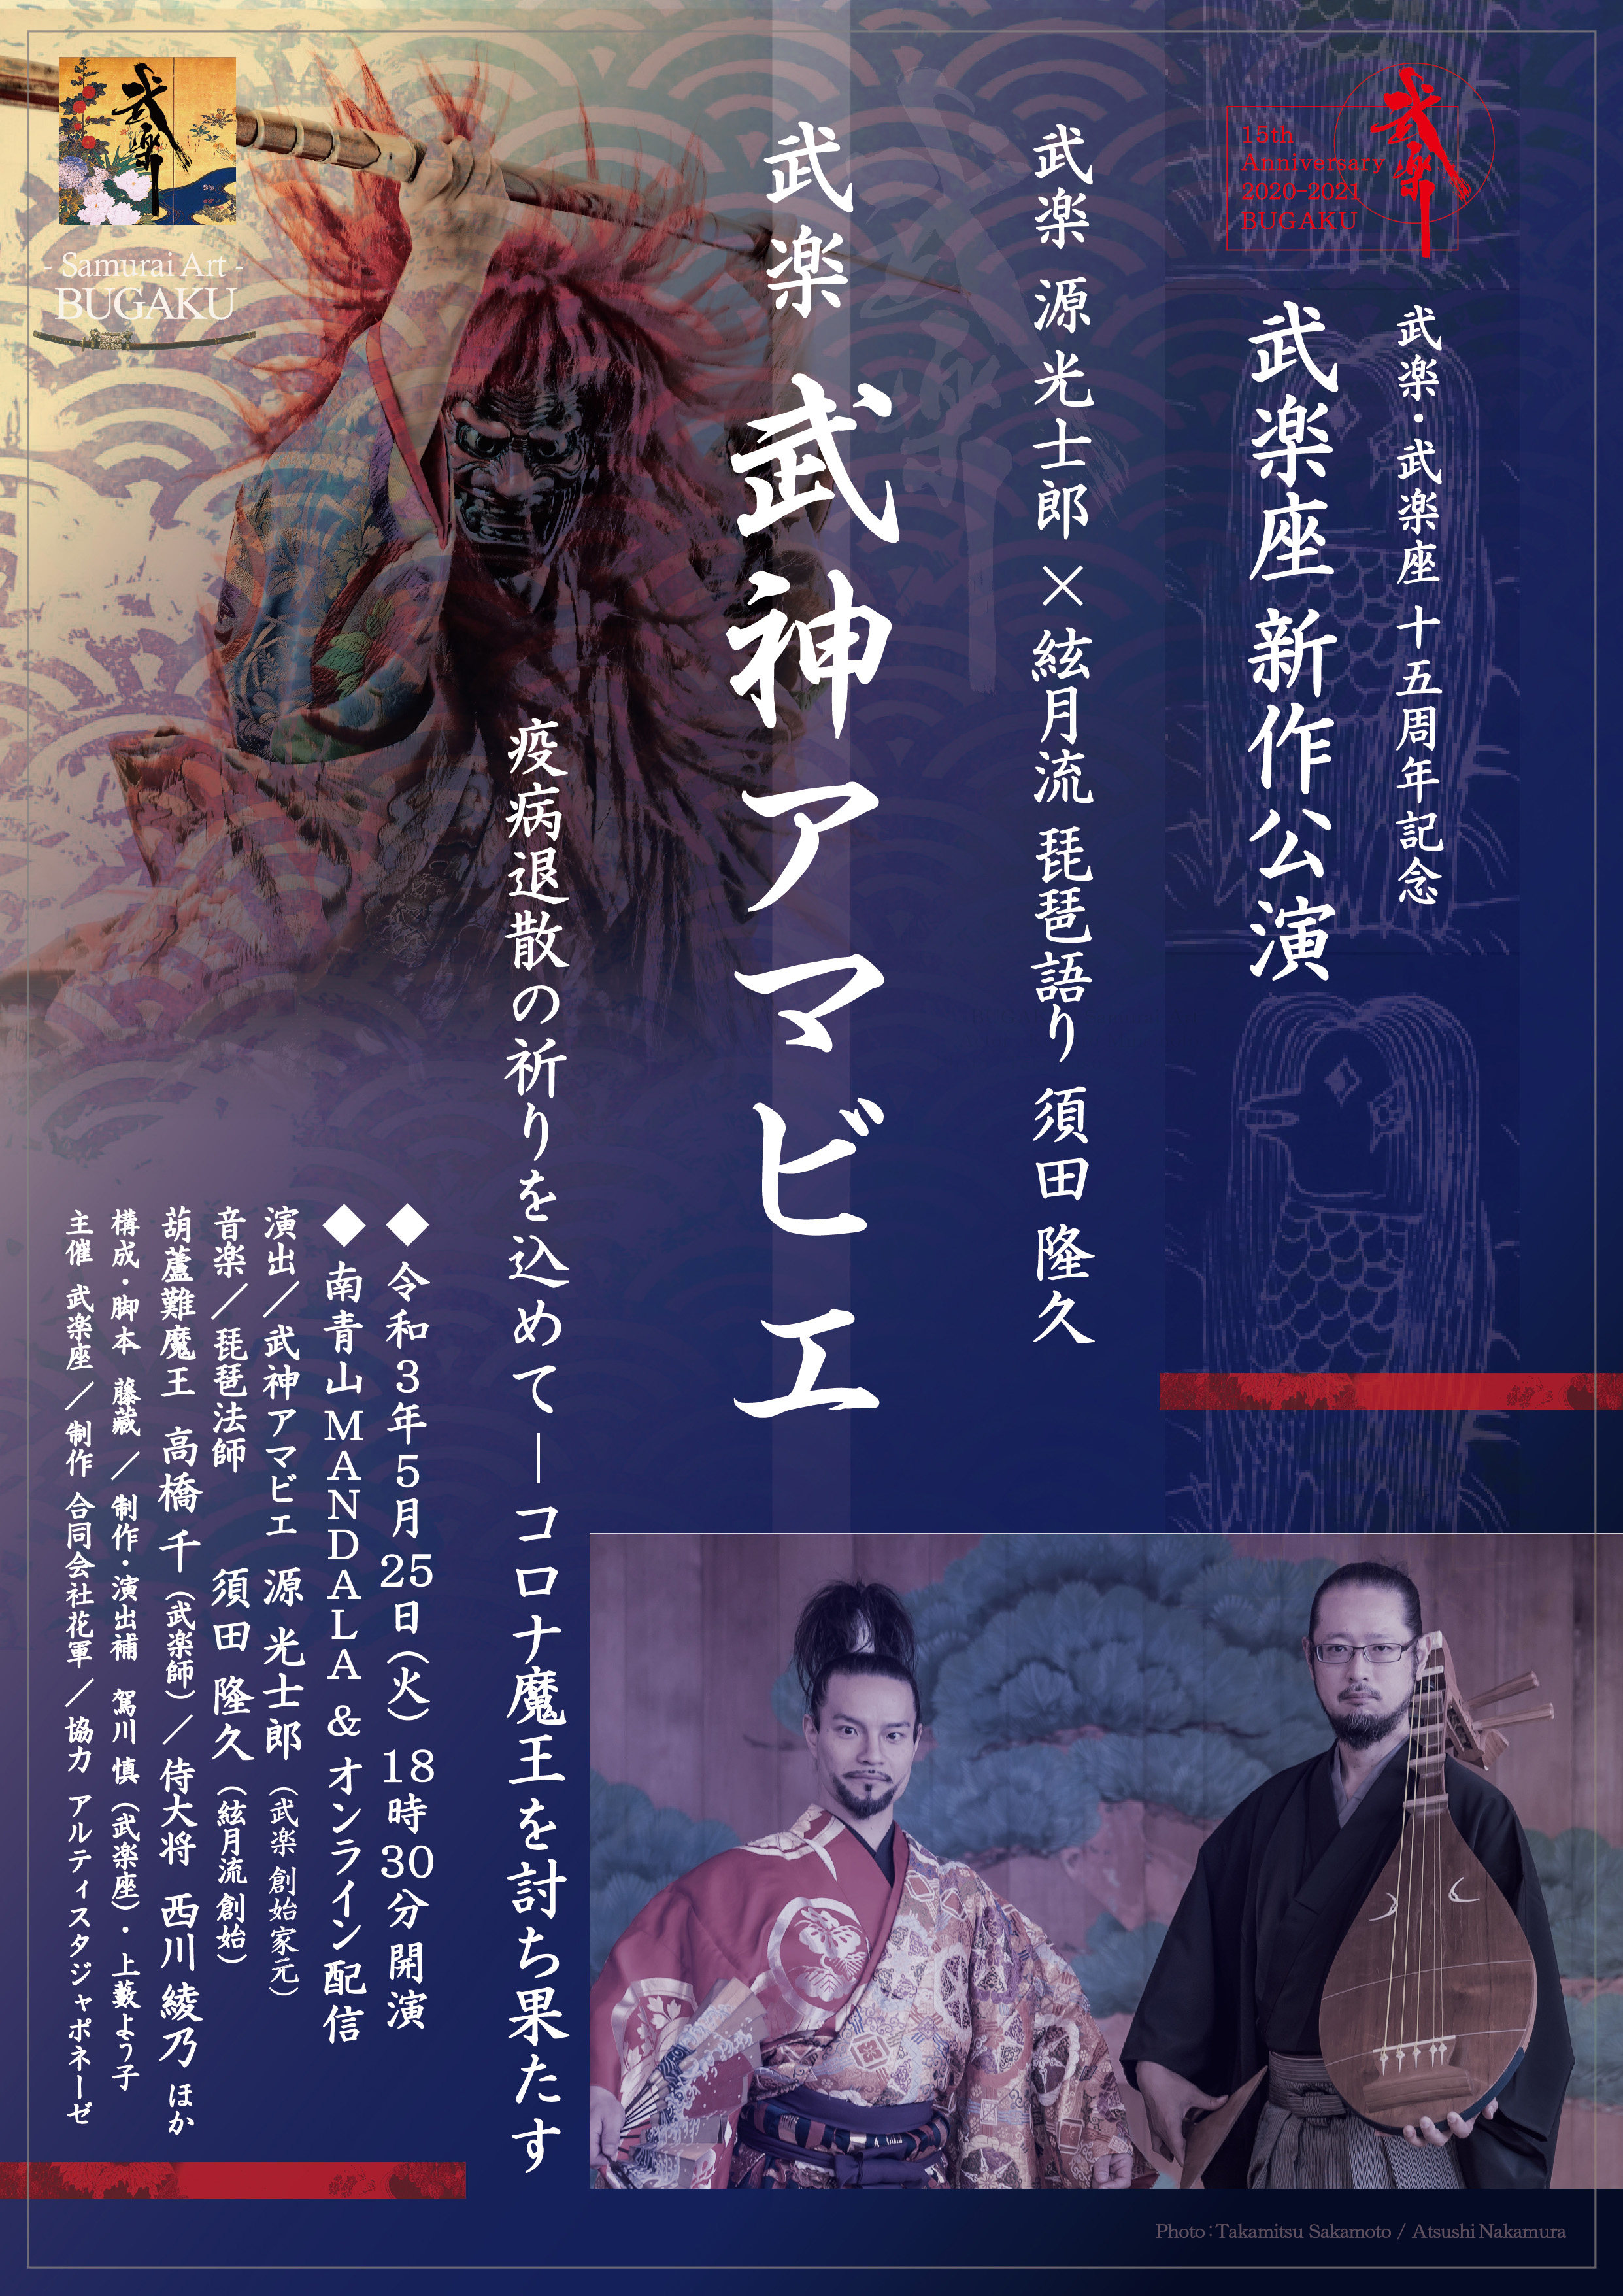 【武楽 BUGAKU】新作公演「武神アマビエ」